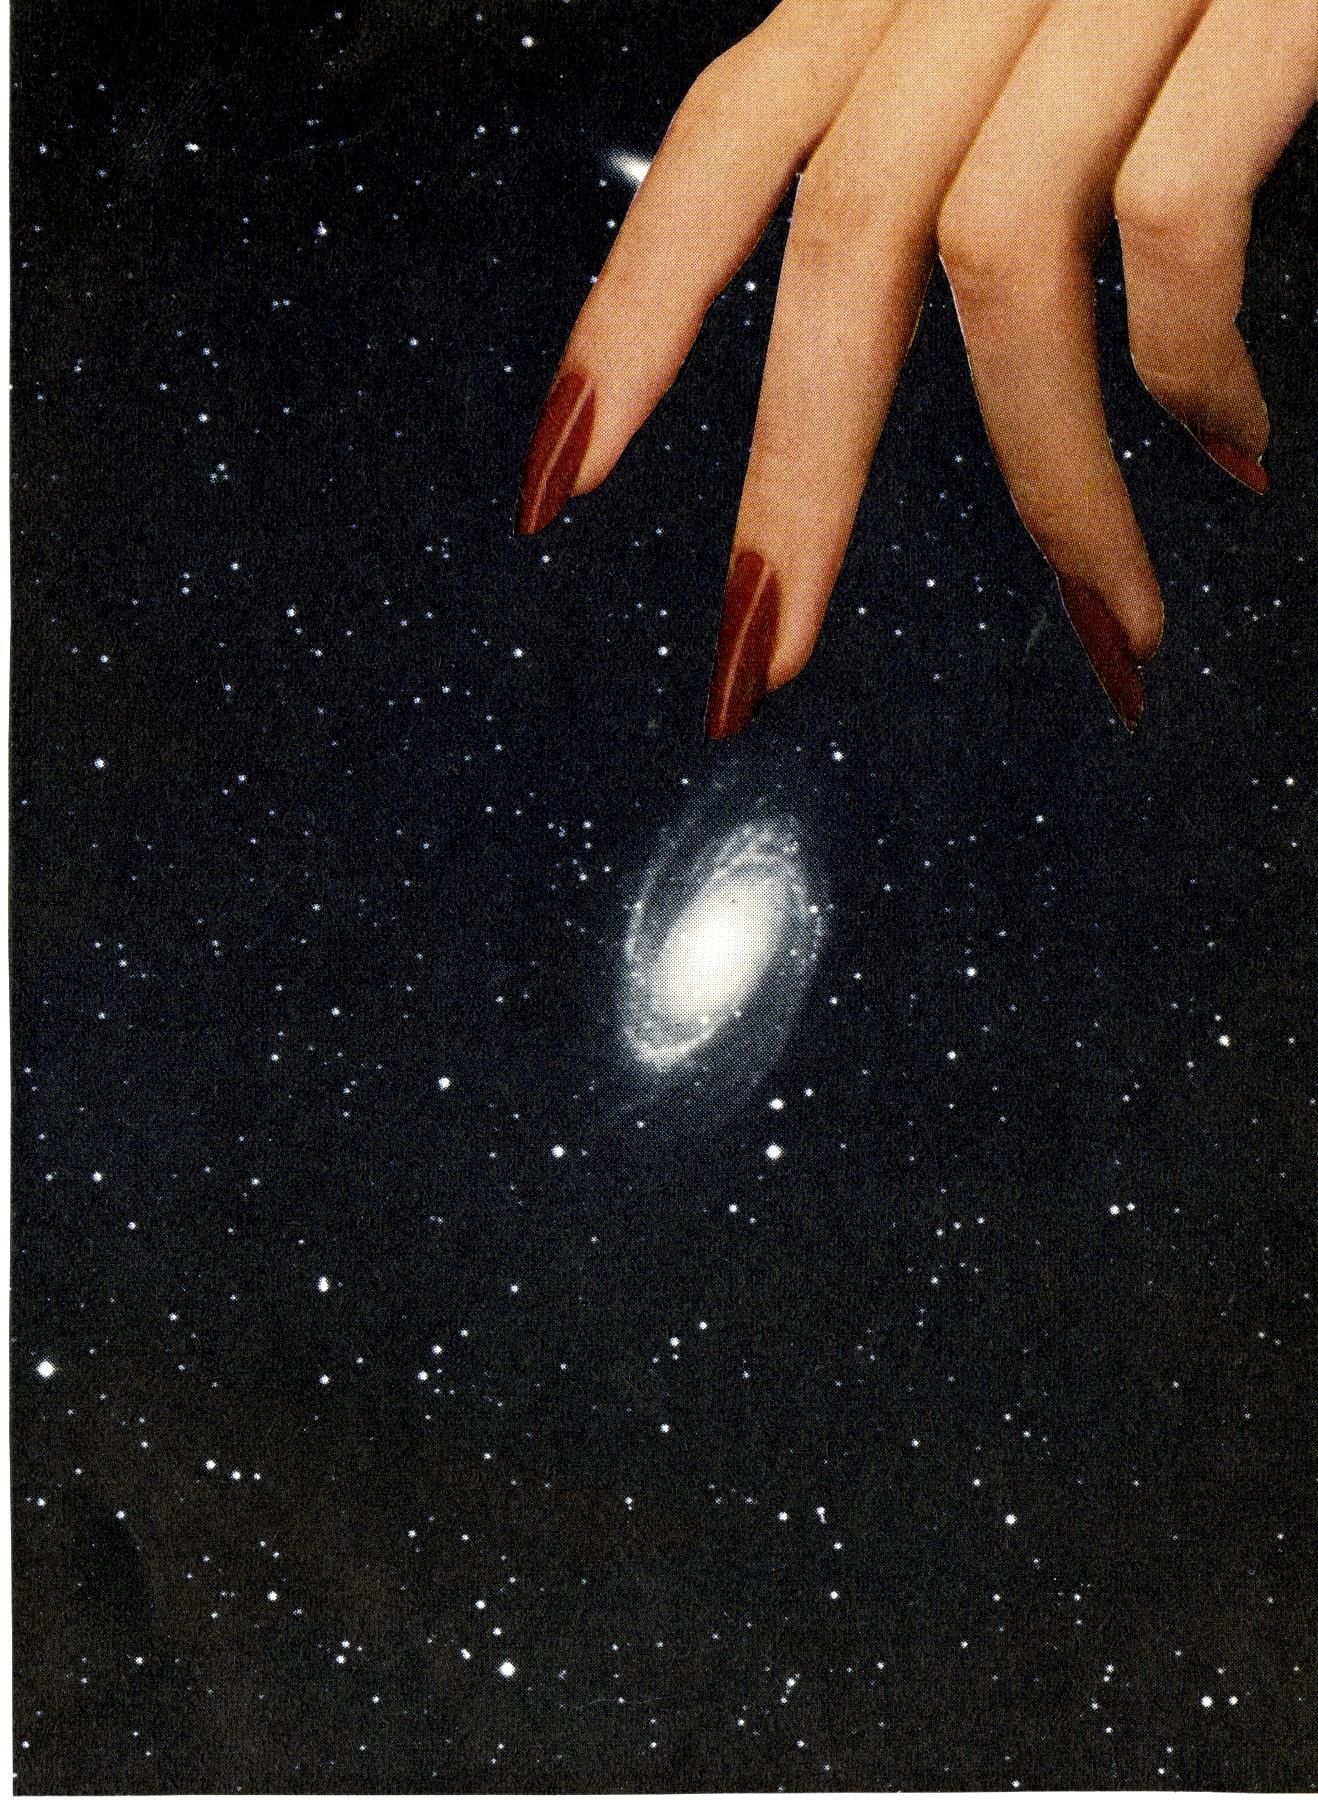 space keepers011.jpg